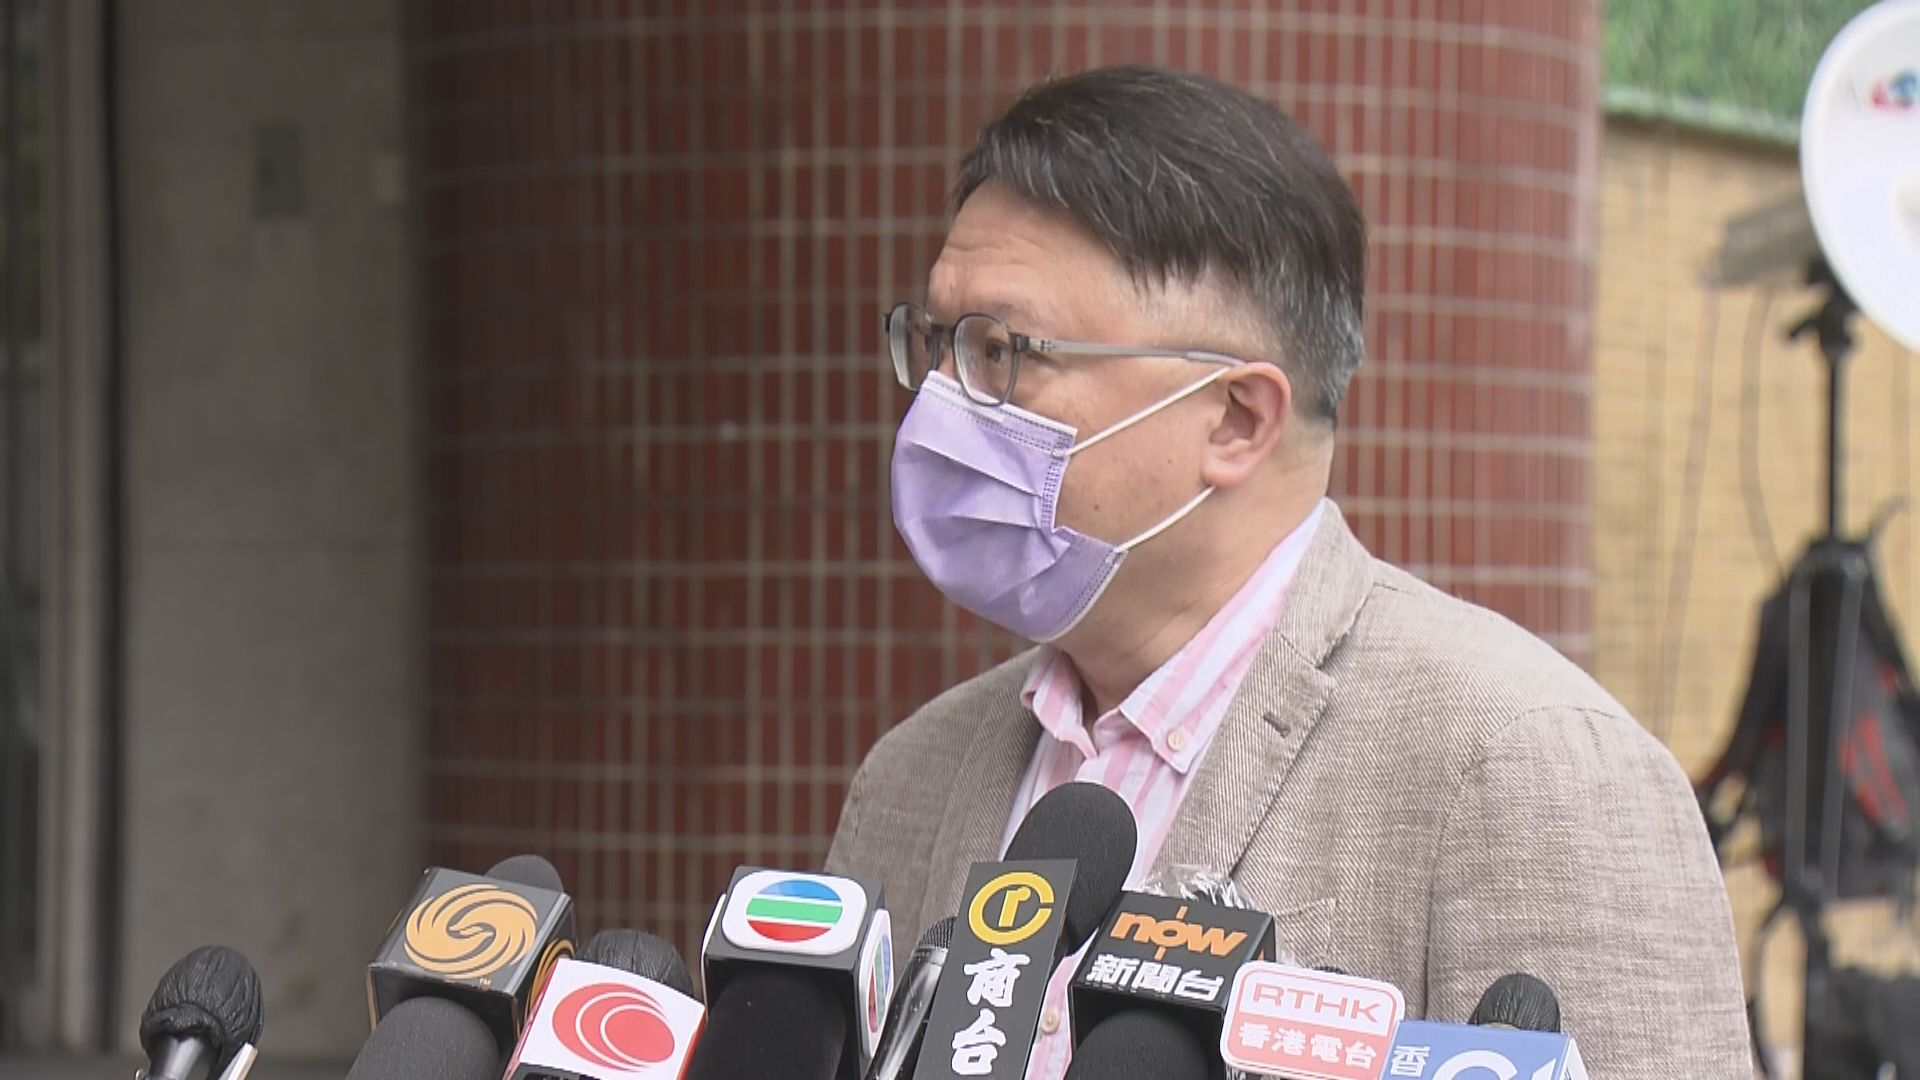 許樹昌:政府正研究放寬接種兩劑疫苗抵港人士檢疫安排